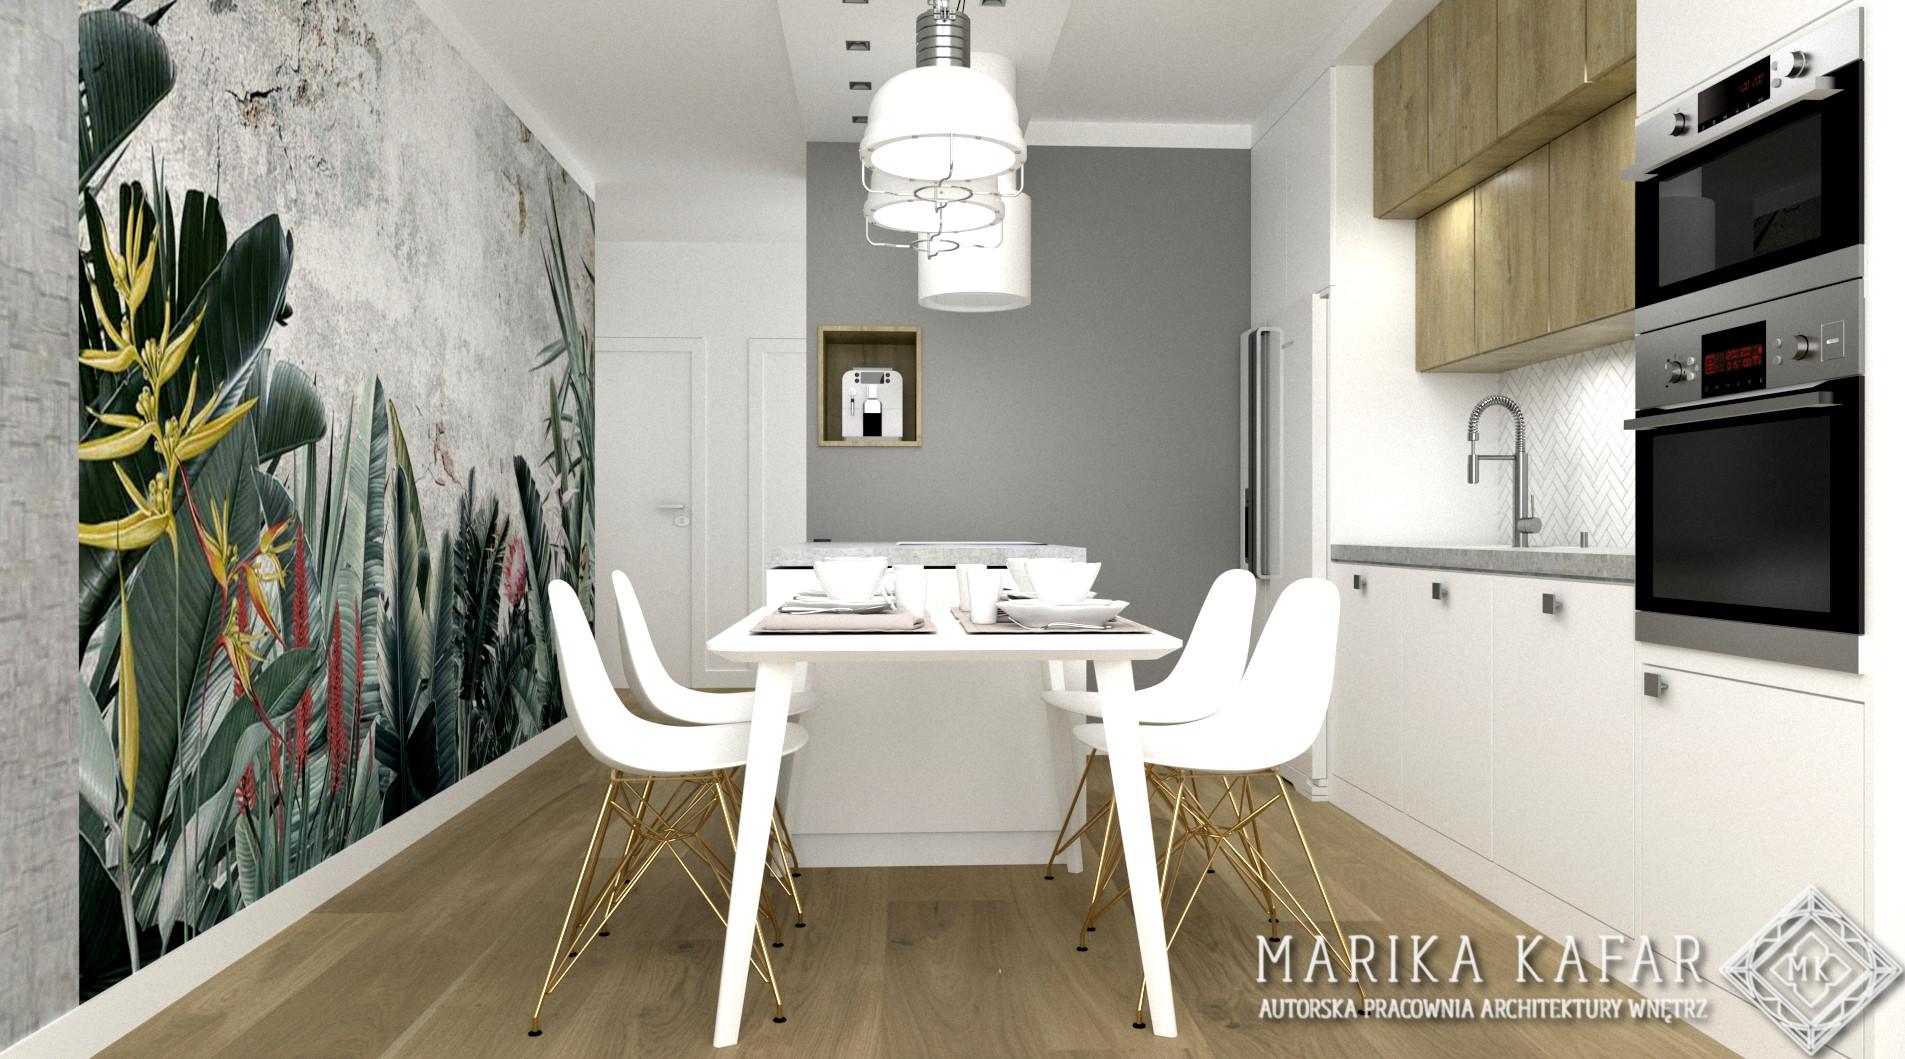 MARIKA KAFAR AUTORSKA PRACOWNIA ARCHITEKTURY WNĘTRZ- mieszkanie z drewnem